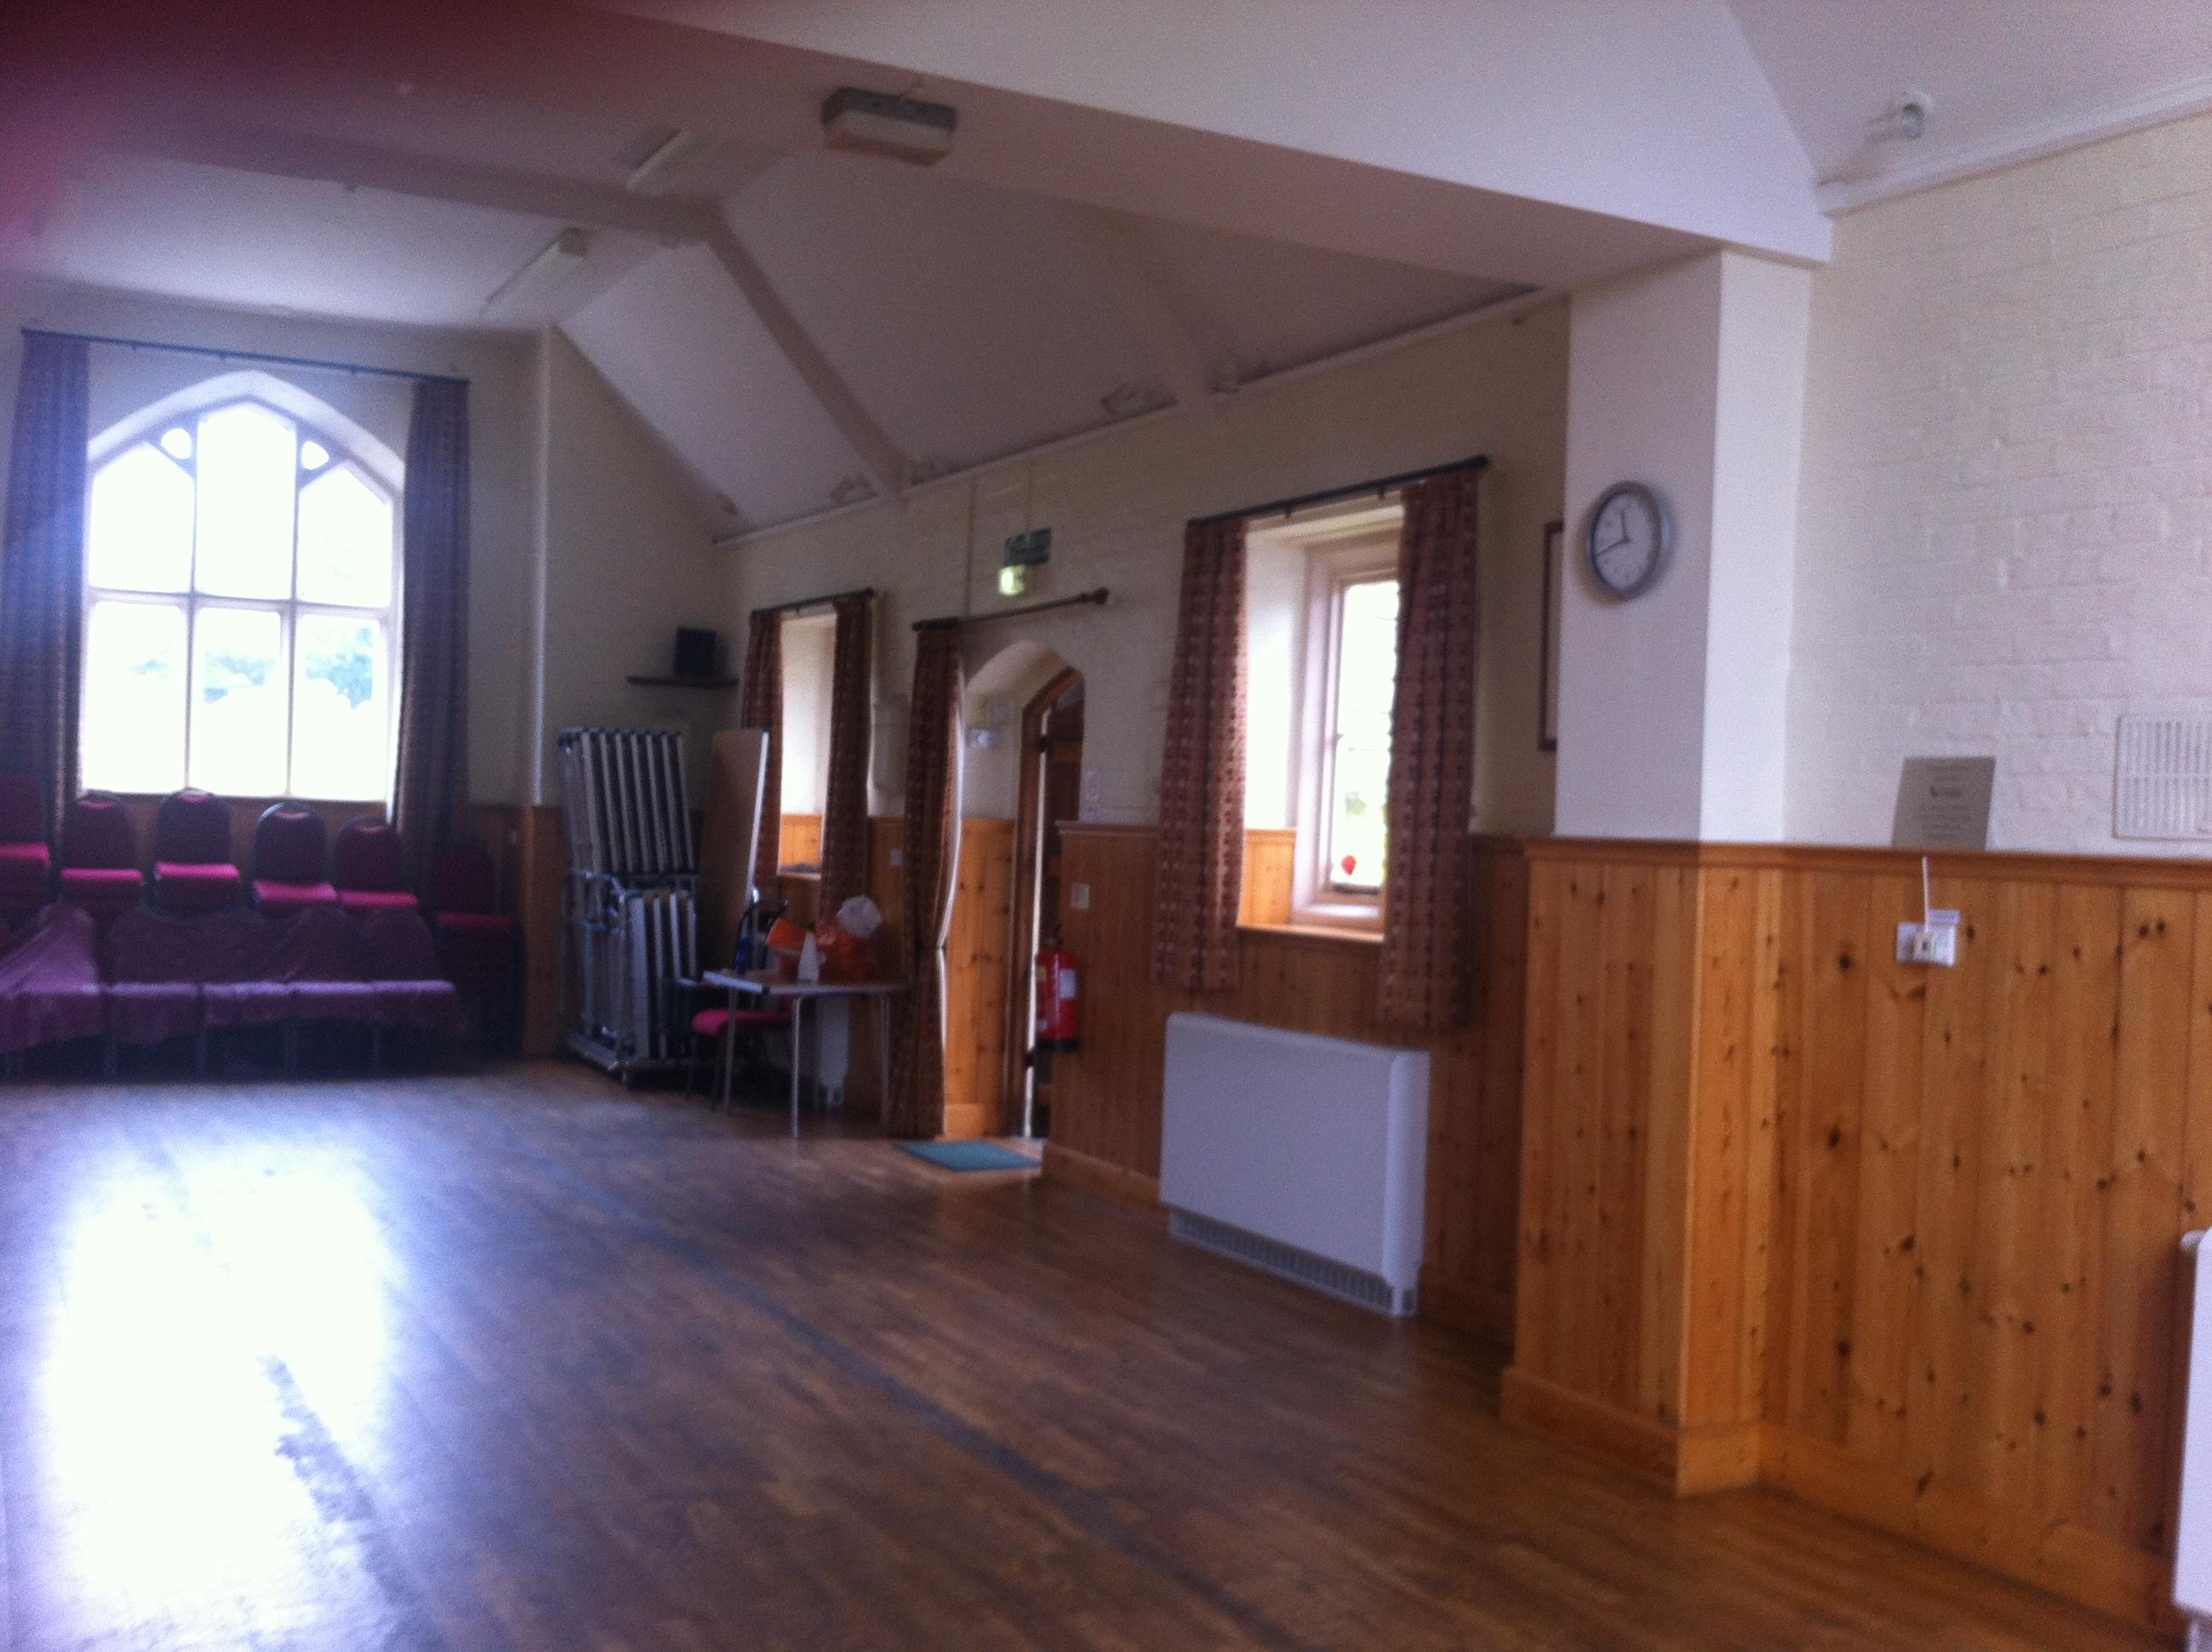 Bremhill Village Hall